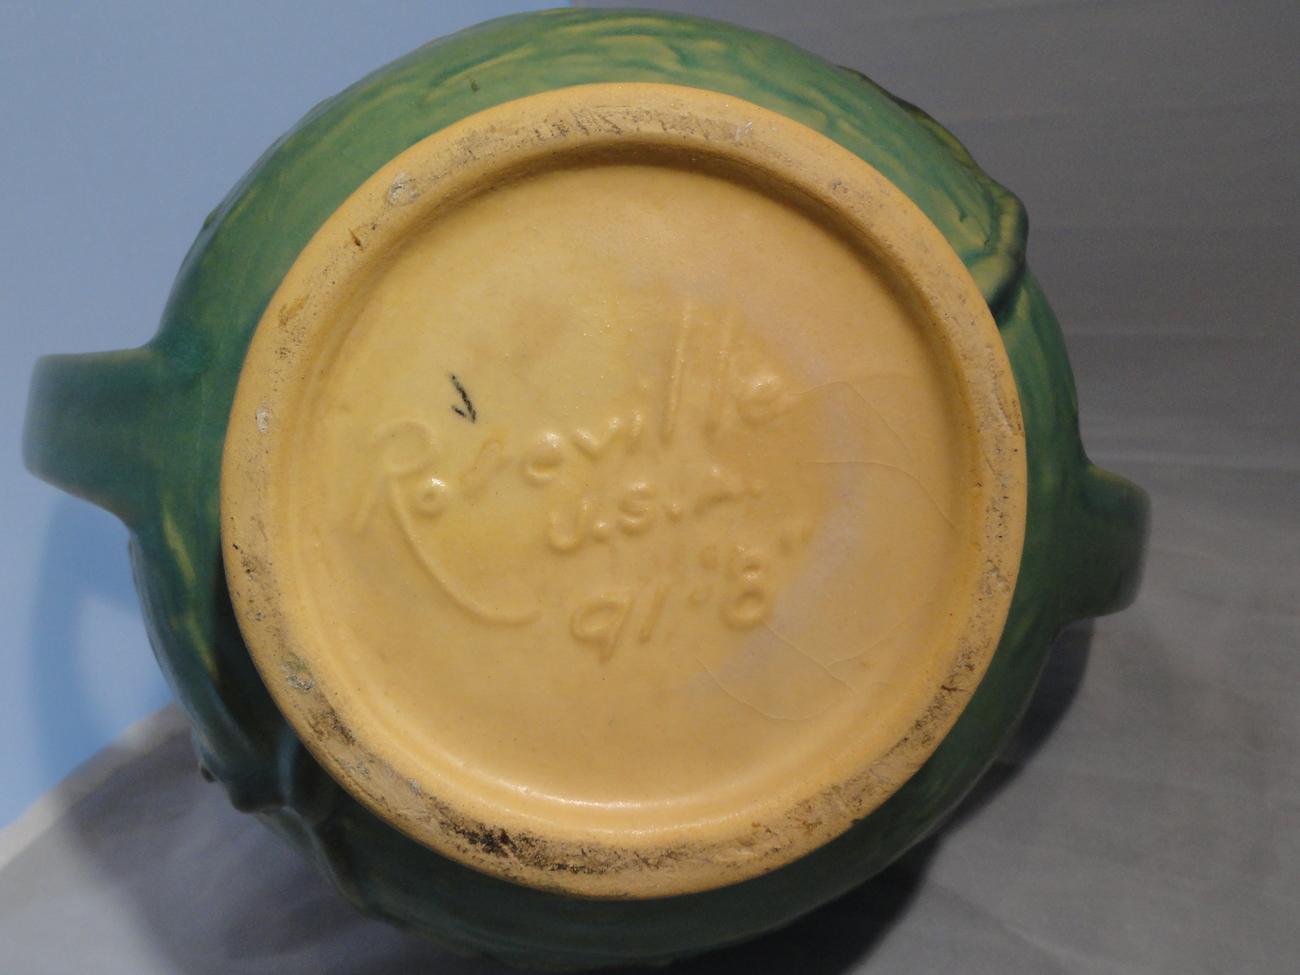 Roseville USA Art Pottery Green Magnolia Vase 91-8